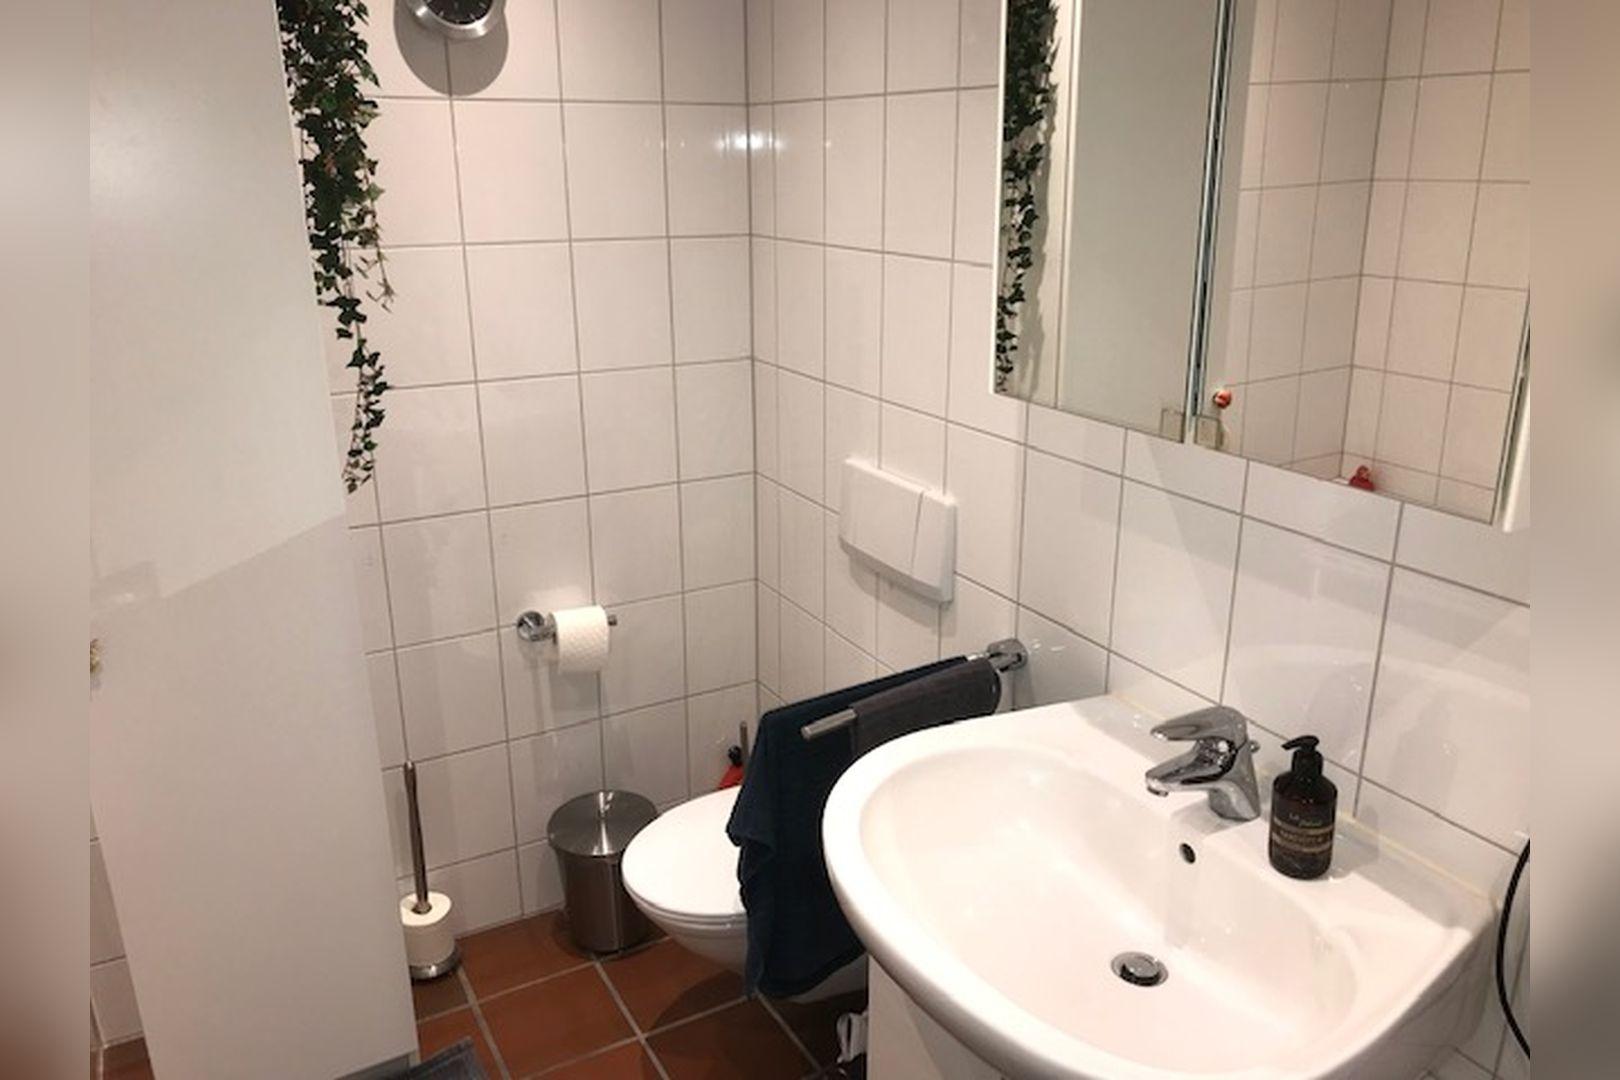 Immobilie Nr.0264 - großzügige Vier-Raum-Wohnung mit Riesenkellerraum für Hobby etc. - Bild 13.jpg